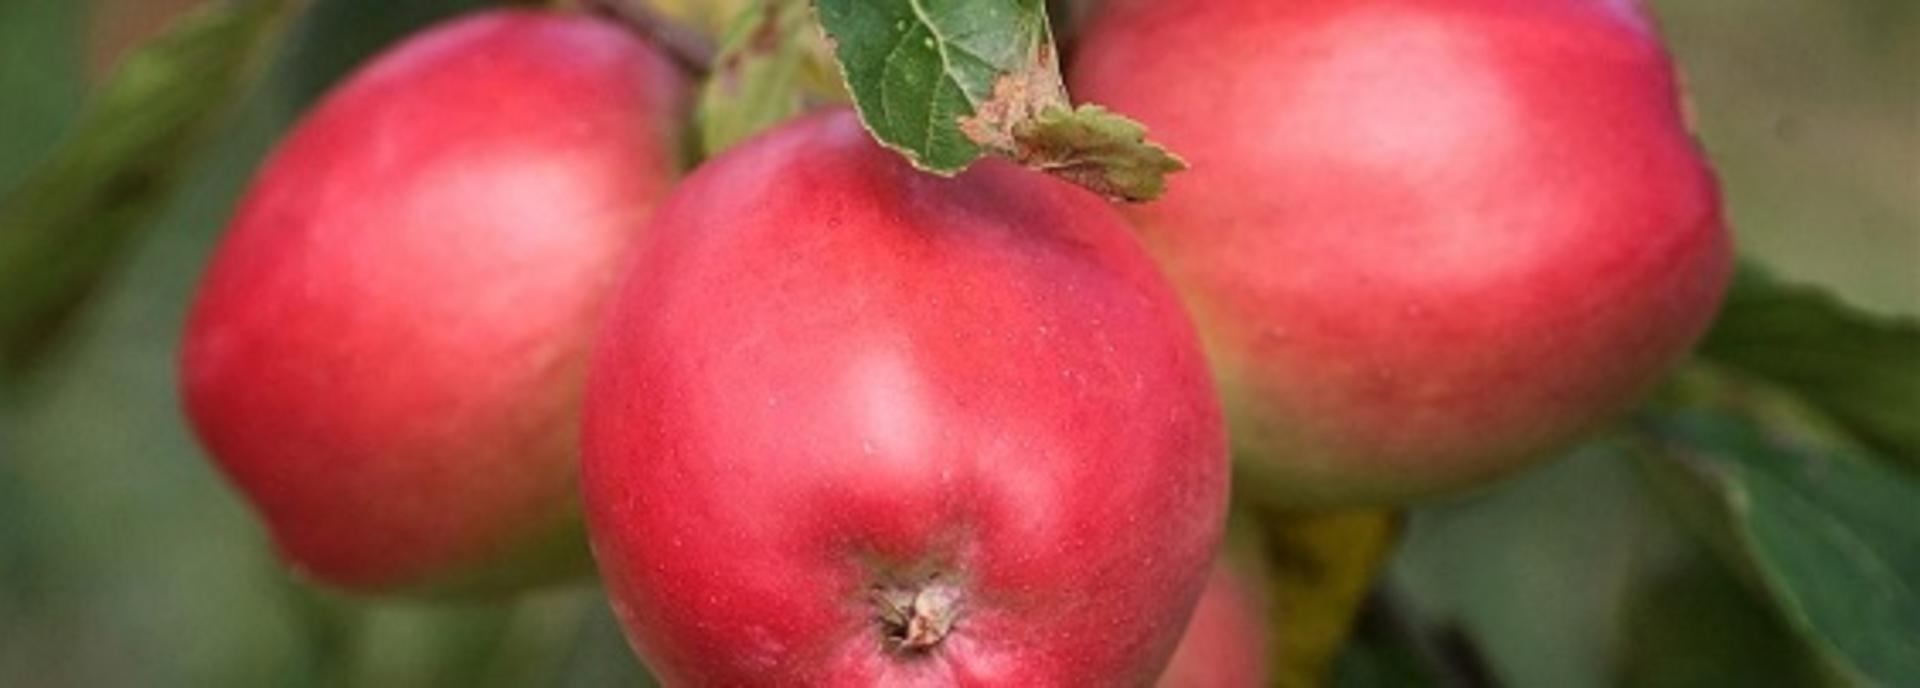 Miniferie på Norsminde Kro: Æblehøsten er i hus - brasseriet laver unik æblemenu